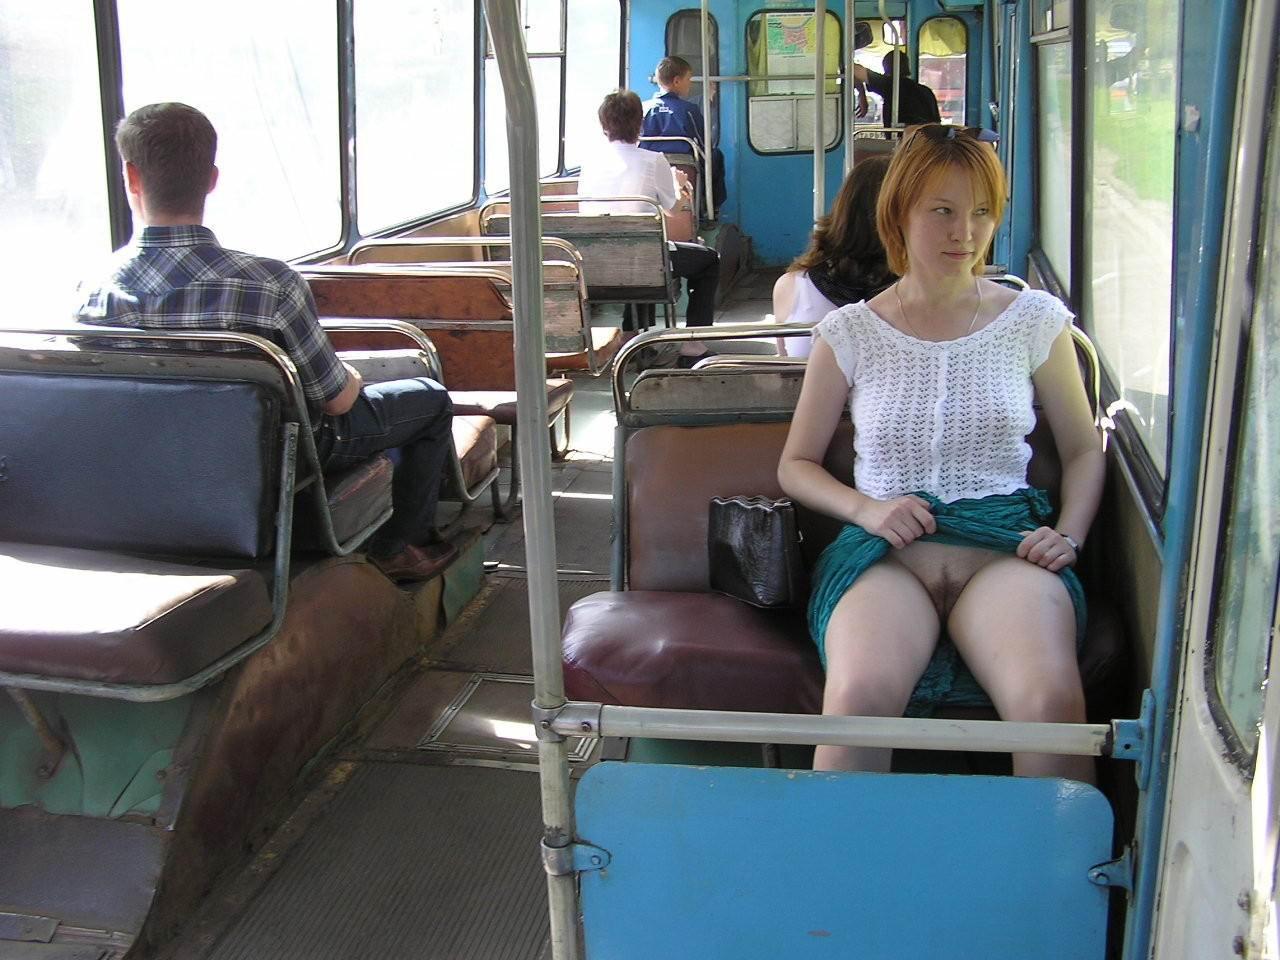 zhenskaya-masturbatsiya-v-transporte